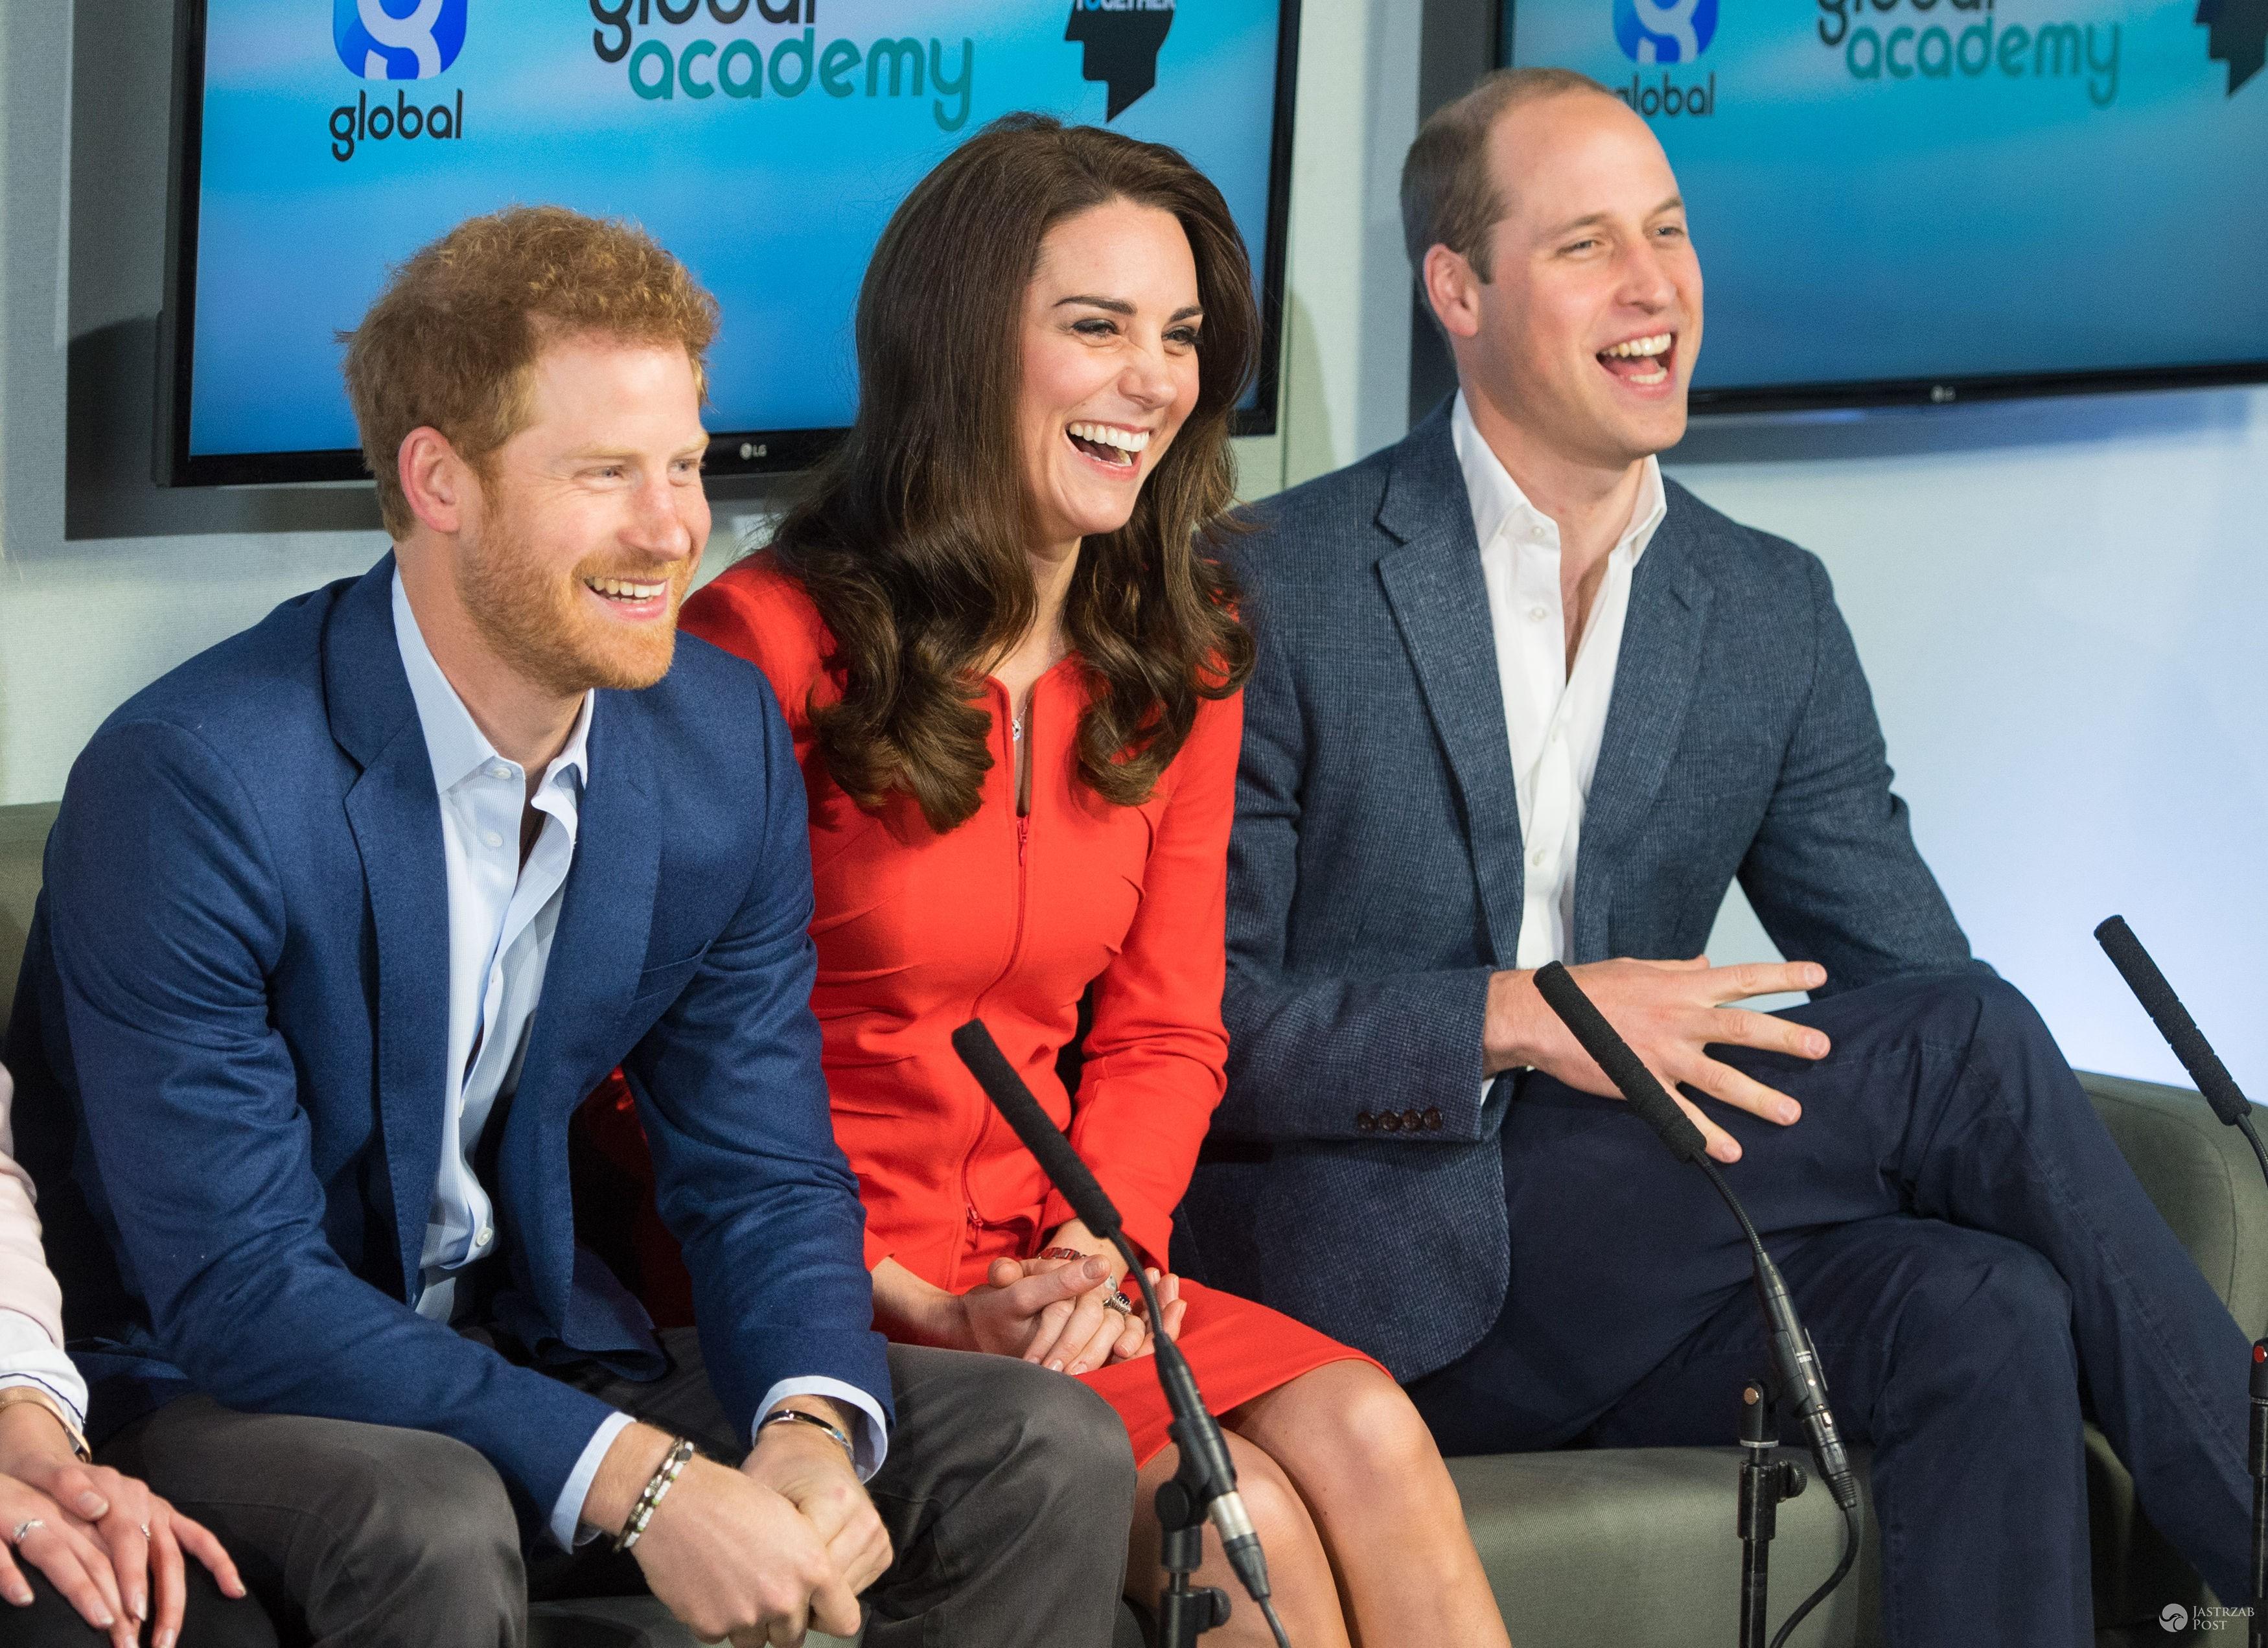 Książę Harry, książę William i księżna Kate wspierają kampanię Heads Together